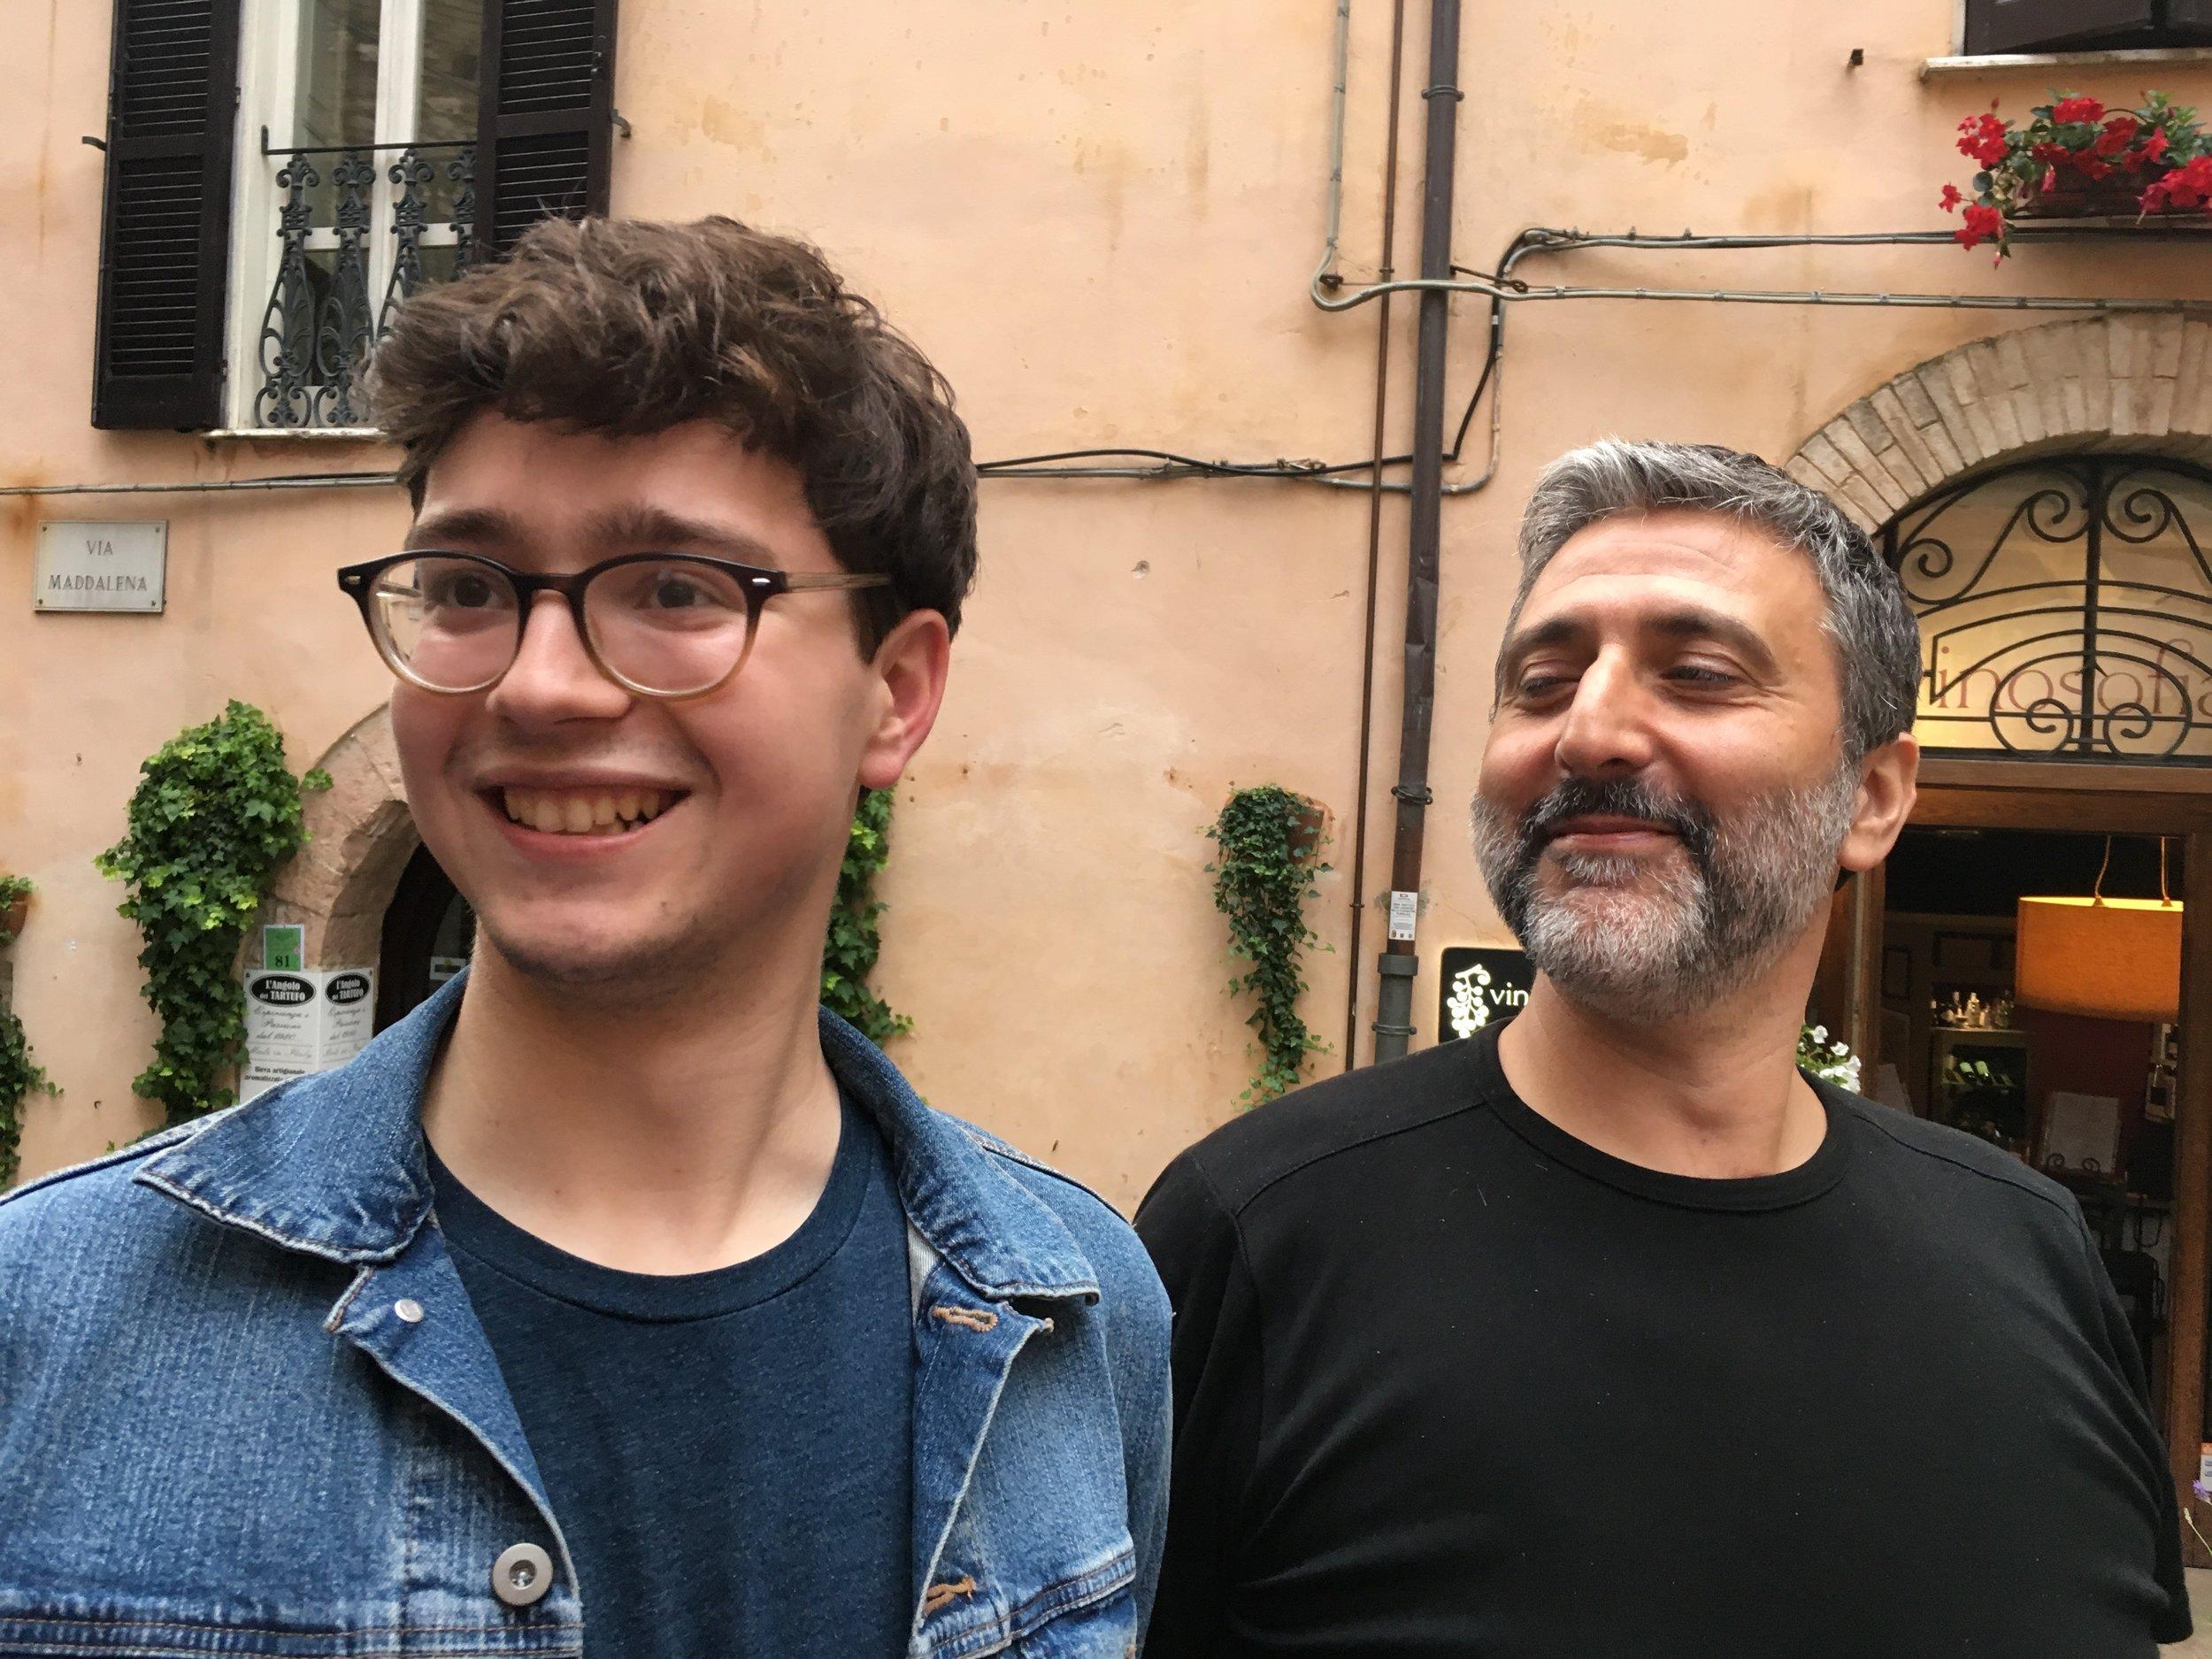 Graziano and Nicolas